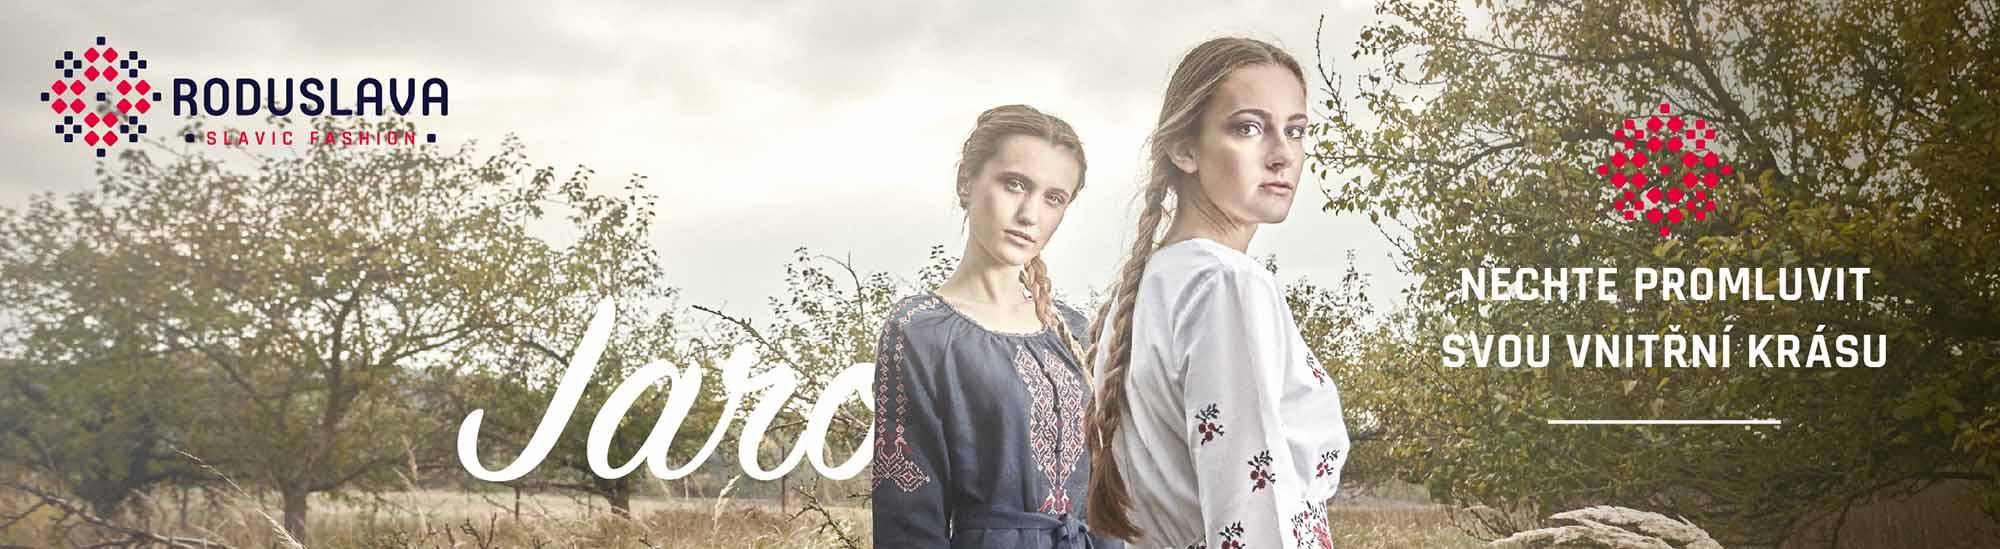 Roduslava_slovanská móda pro muže a ženy